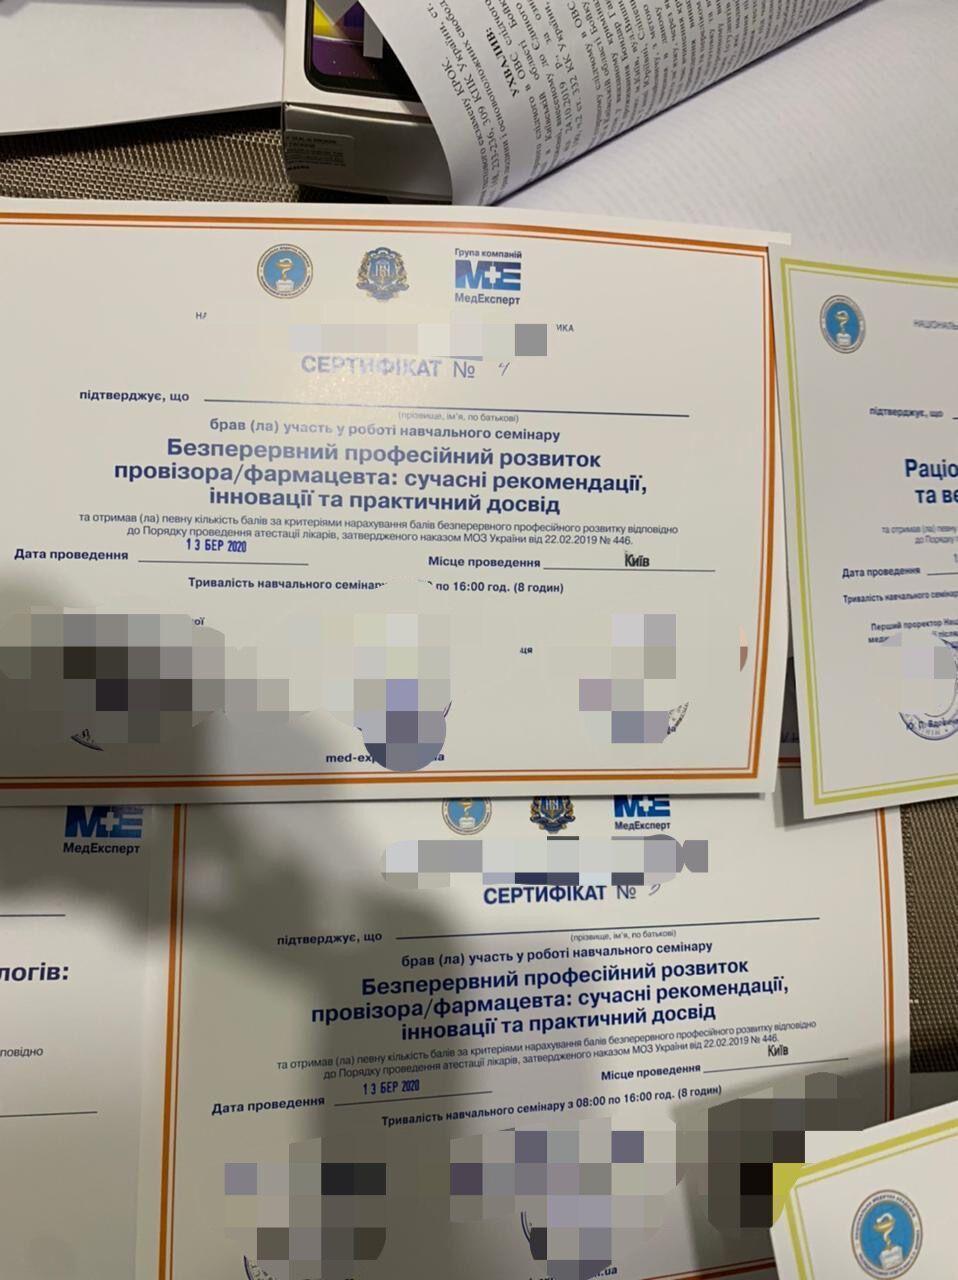 У лютому 2021 року правоохоронці викрили трьох осіб за фактом шахрайства щодо складання іспиту КРОК (ч.4 ст.190 КК України).